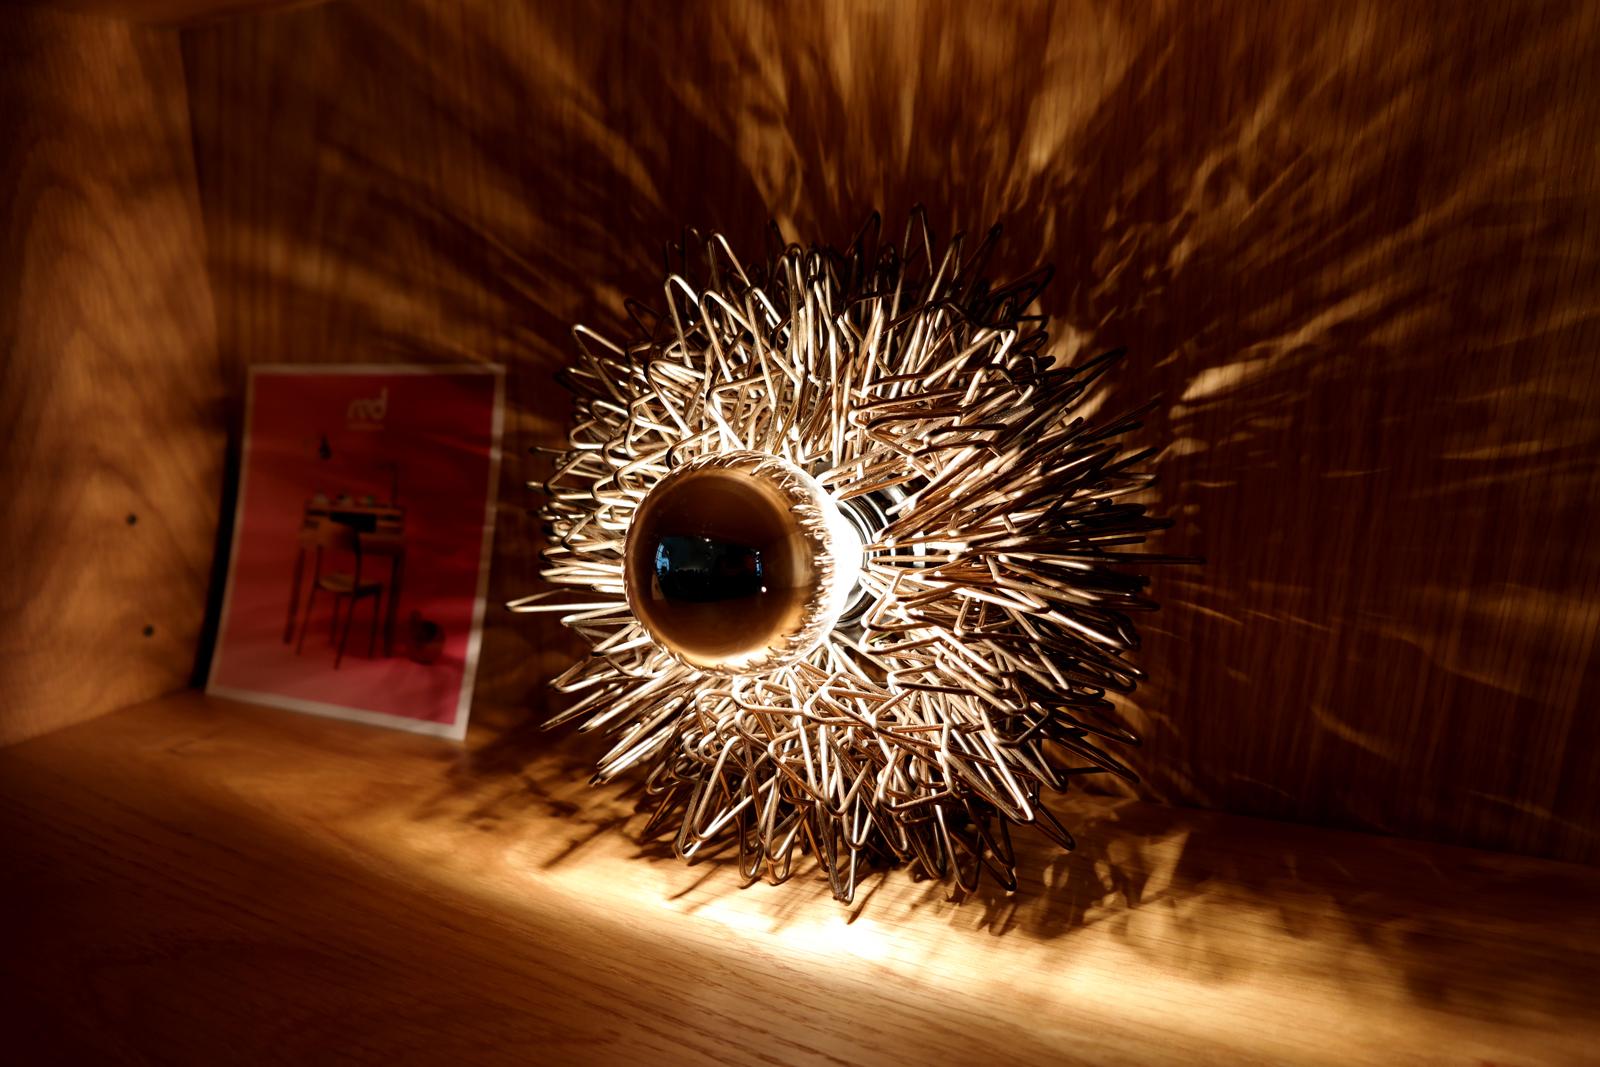 Lampe-rétro-design-l-appartement-boutique-marque-française-red-édition-rue-des-Blancs-Manteaux-paris-lumière-photo-by-united-states-of-paris-blog